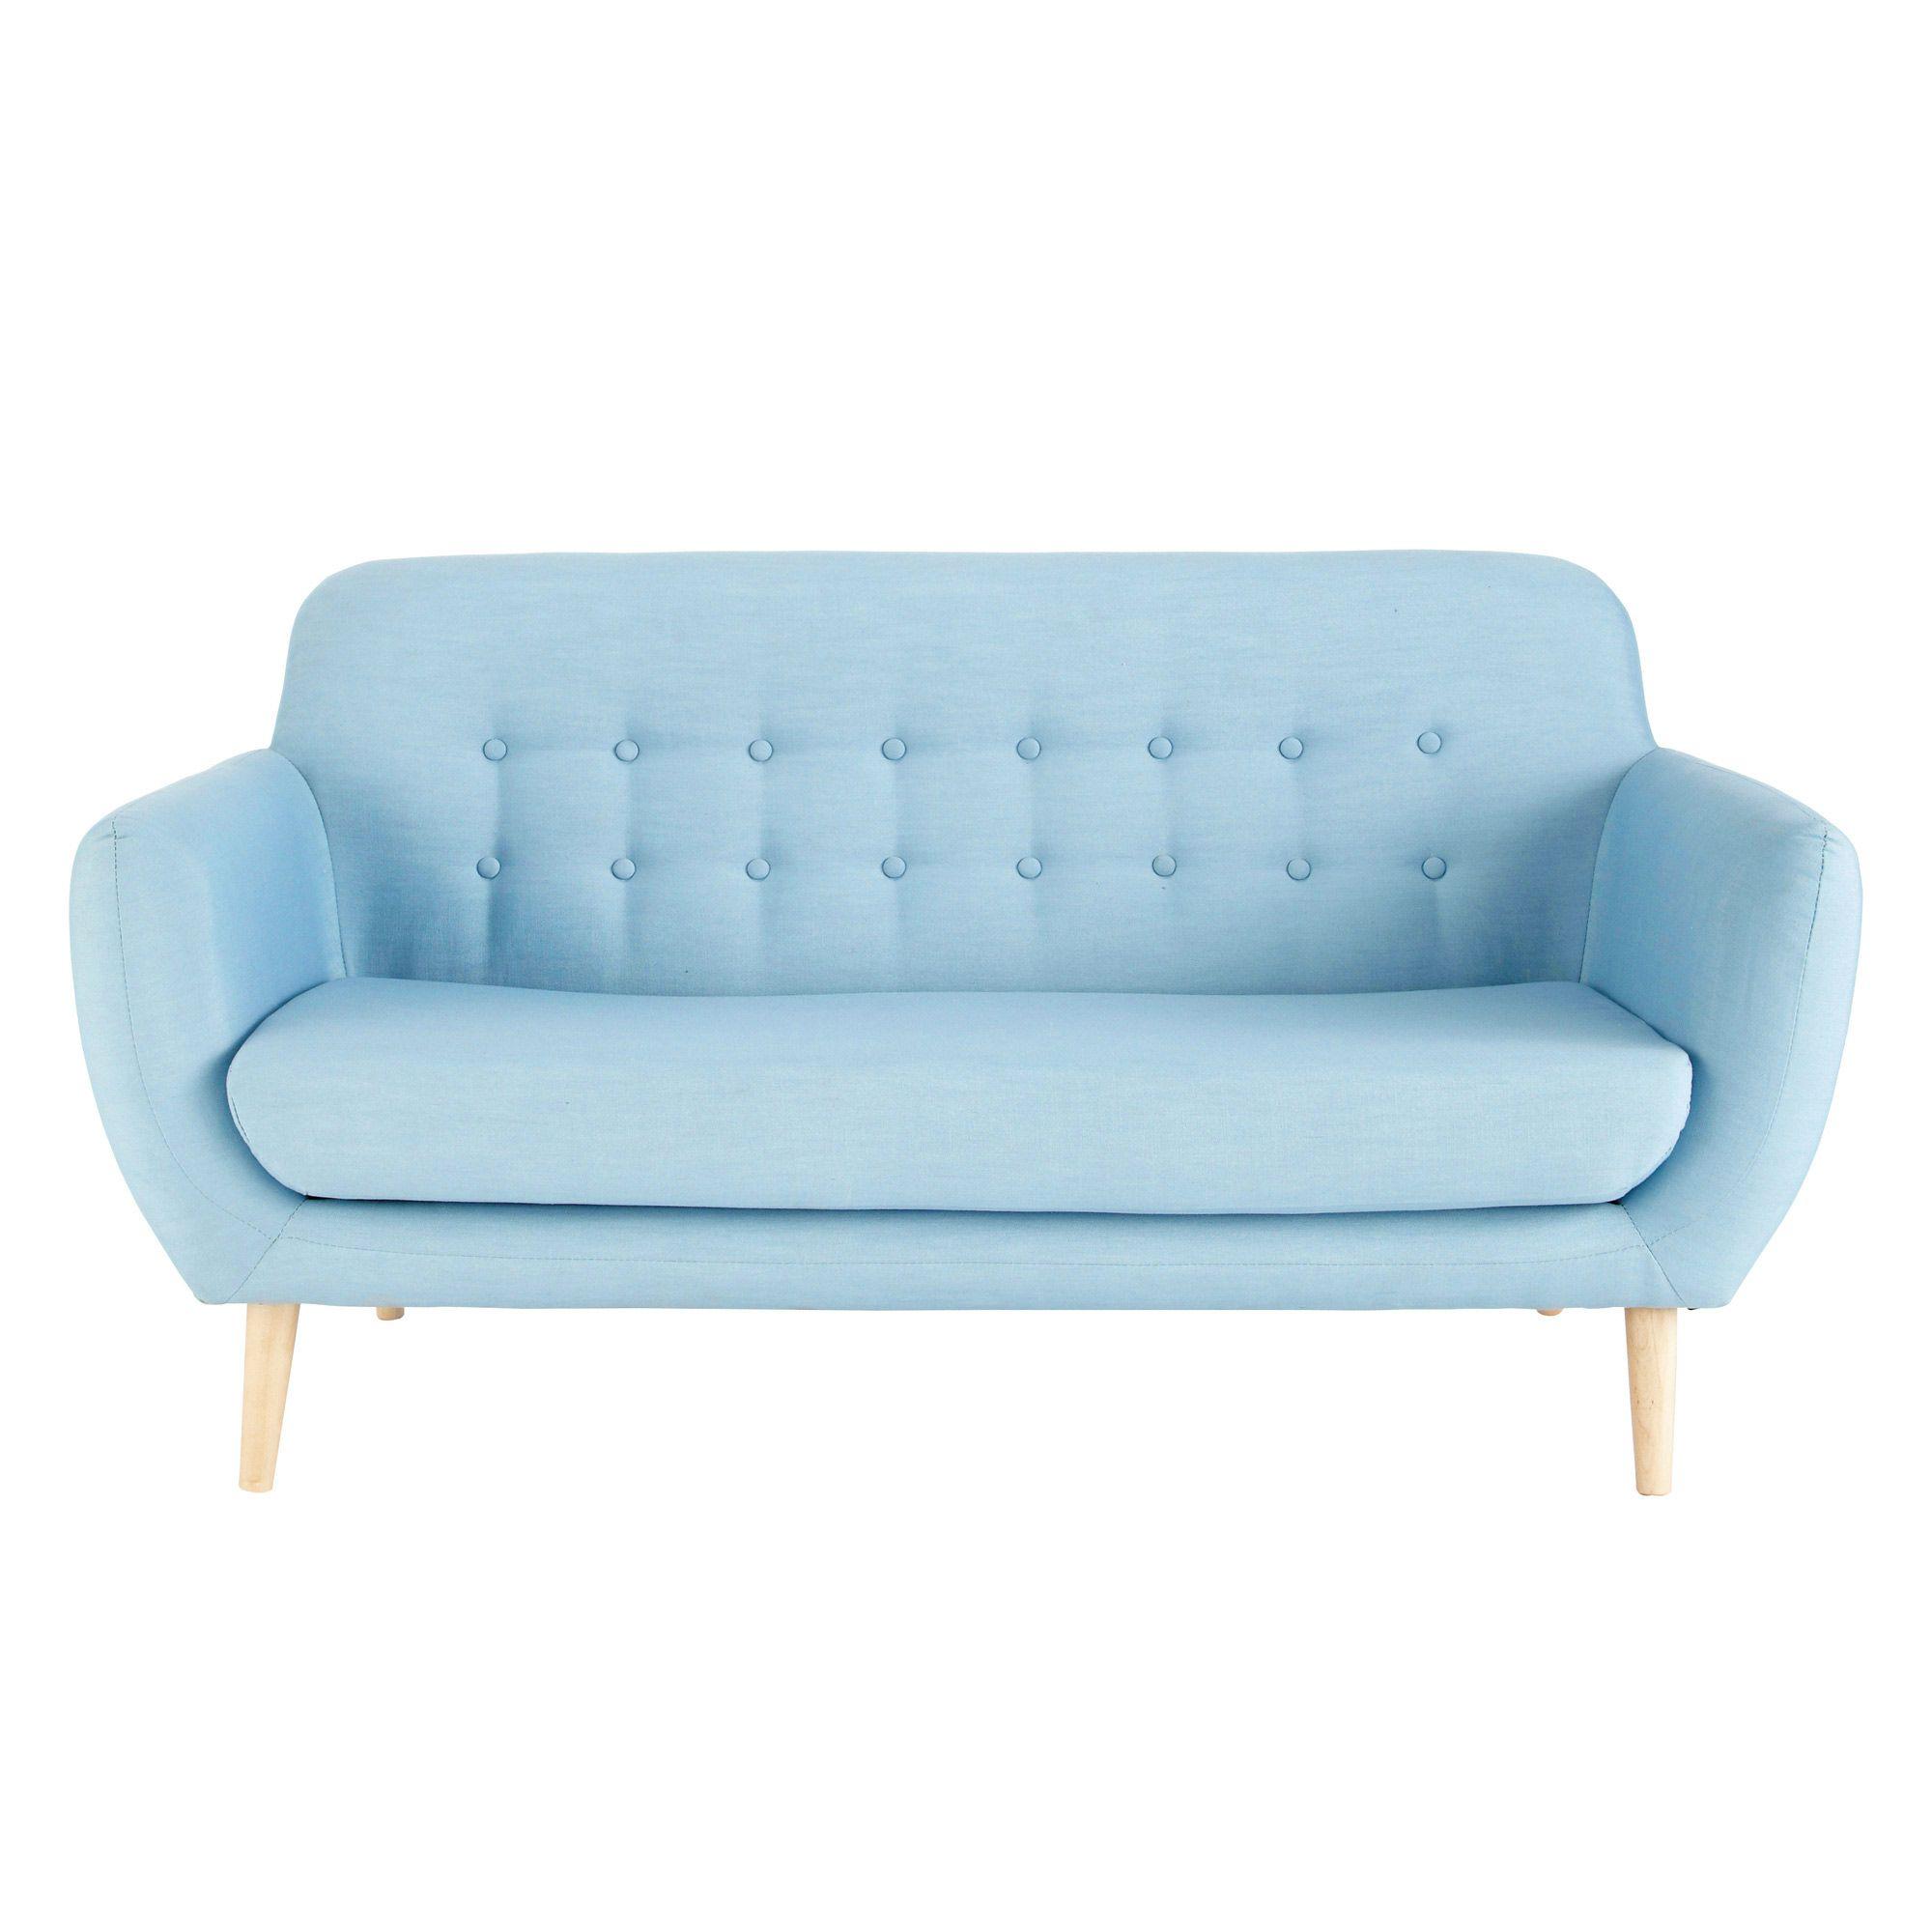 Canapé scandinave 2/3 places en tissu bleu | Sofas vintage, Tela ...